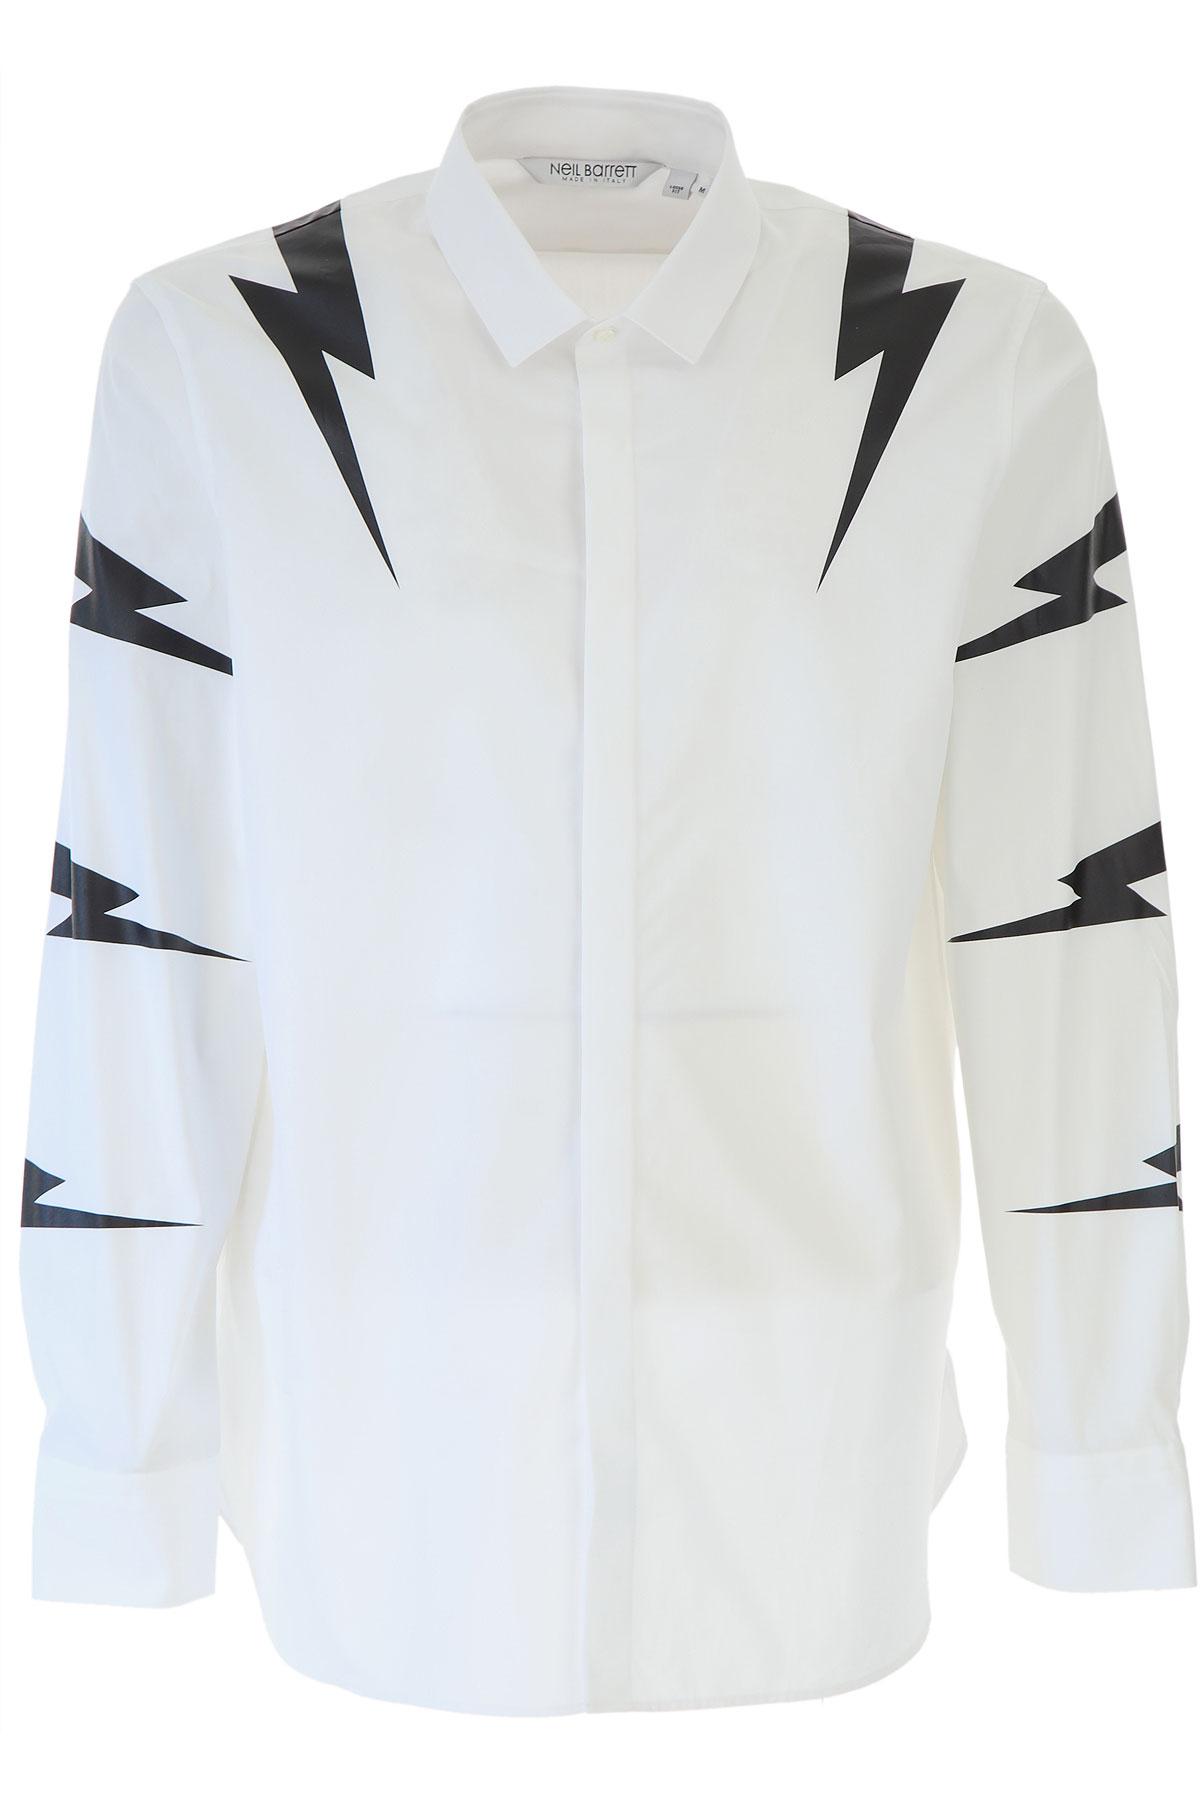 Neil Barrett Shirt for Men On Sale, White, Cotton, 2019, M • IT 48 L • IT 50 XL • IT 52